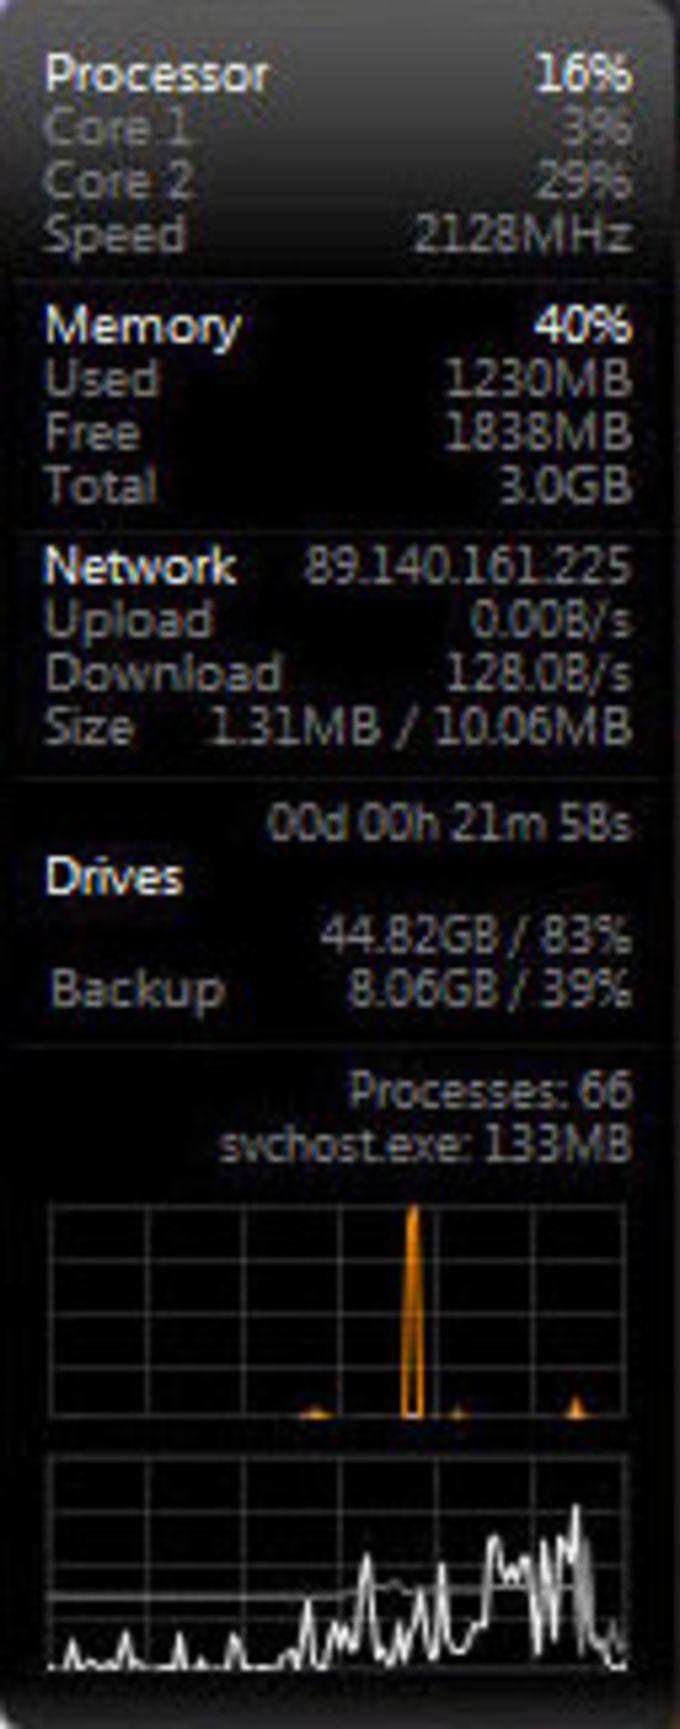 CPU Multimeter